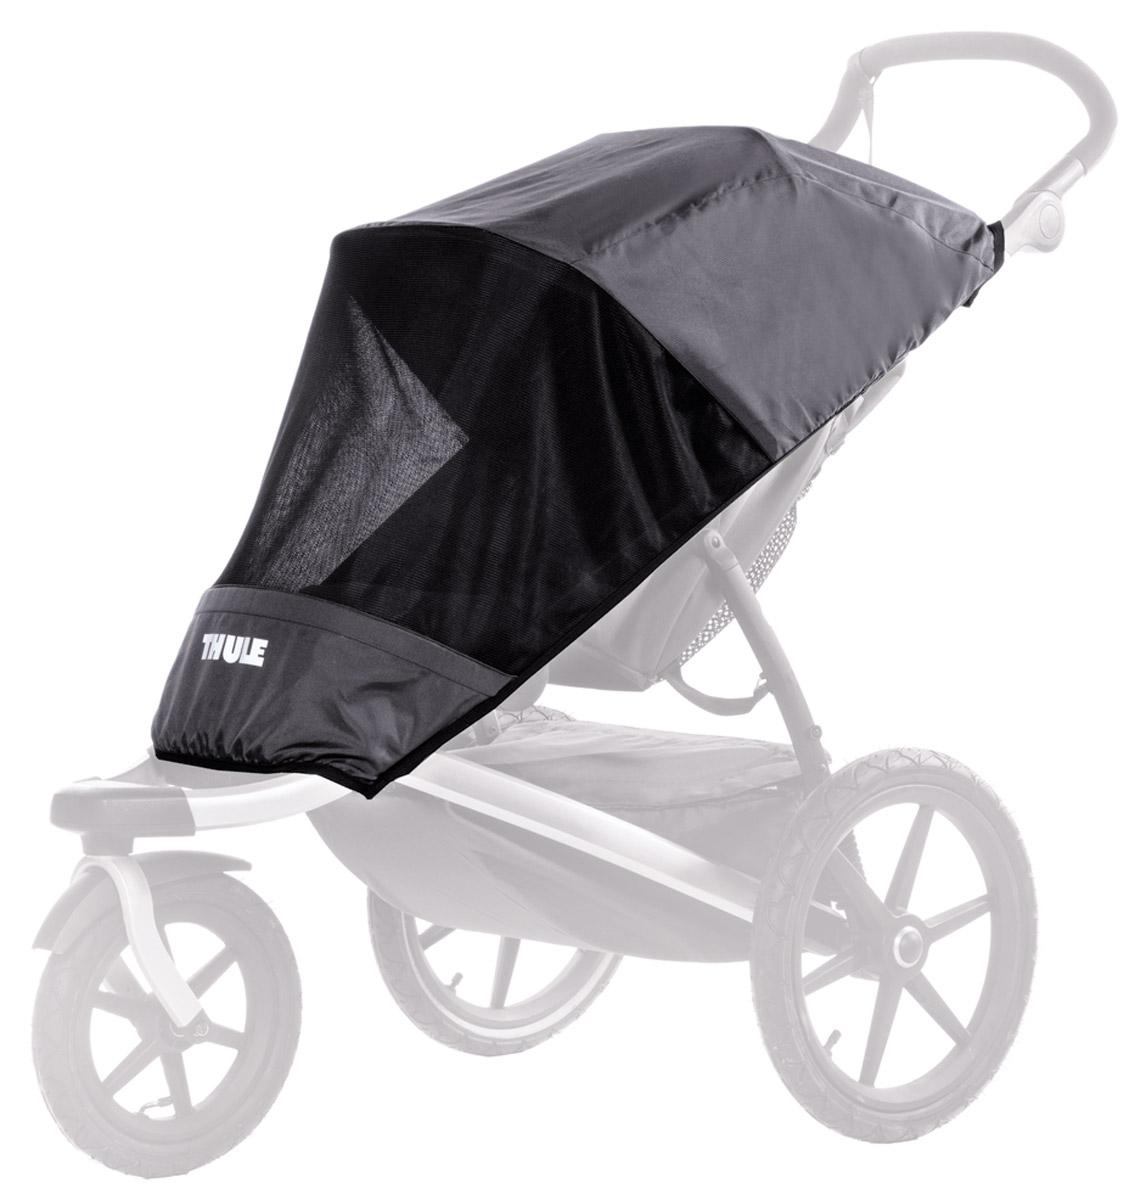 Thule Грязезащитный чехол Glide Mesh cover20110715Возможность индивидуальной регулировки для максимальной защиты Защищает от вредных солнечных лучей Защищает ребенка от солнца, ветра и насекомых